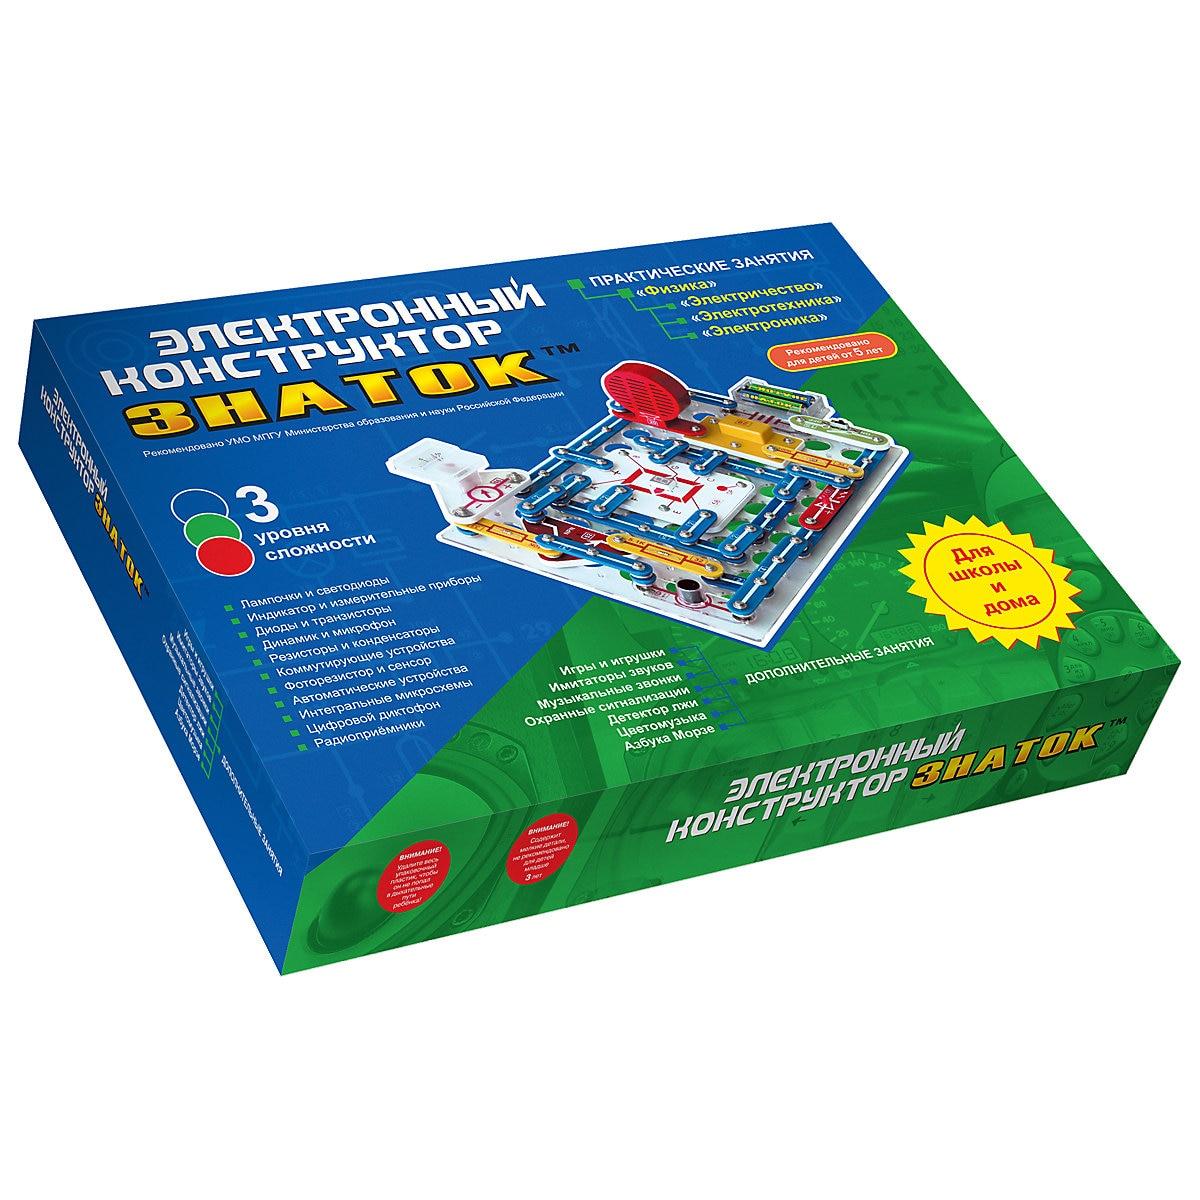 Accesorios para Robots de Znatok 1 3341228 juguete inteligente para niños y niñas juego electrónico juguetes para niños niñas modelo prefabricado MTpromo